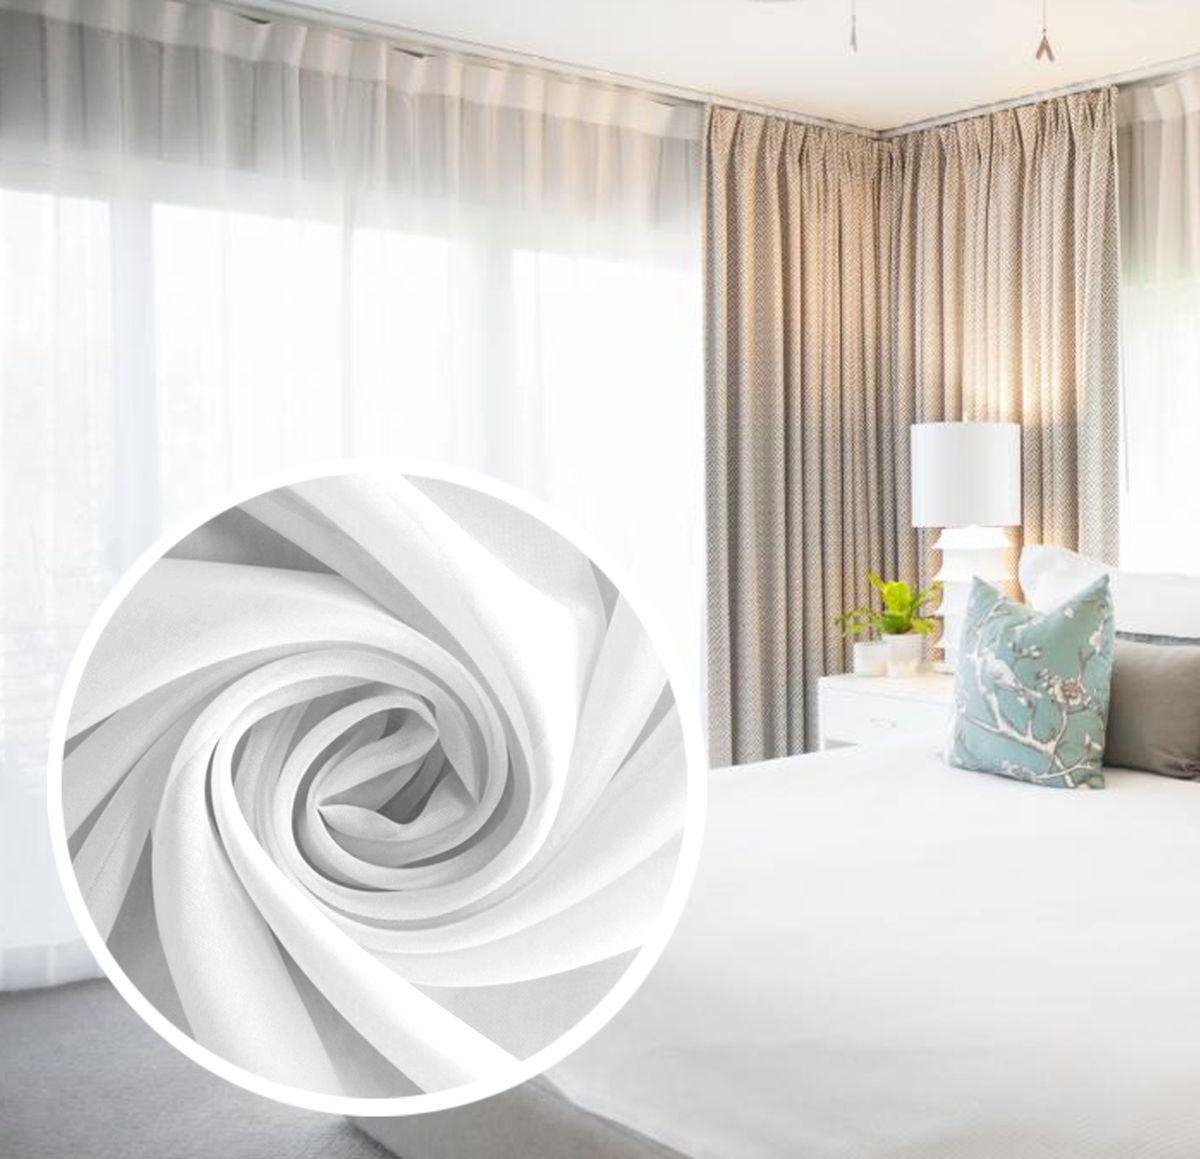 Вуаль Amore Mio Однотонная, на ленте, цвет: белый, высота 270 см. 7197871978Amore Mio - однотонная легкая вуаль нежного цвета в классическом исполнении. выполнена из полиэстера.Вуаль незаменимая деталь в оформлении окон спальни и гостиной. Она отлично сочетается практически с любыми портьерами. Изделие на шторной ленте, готово к использованию. Размер: 300 х 270 см.